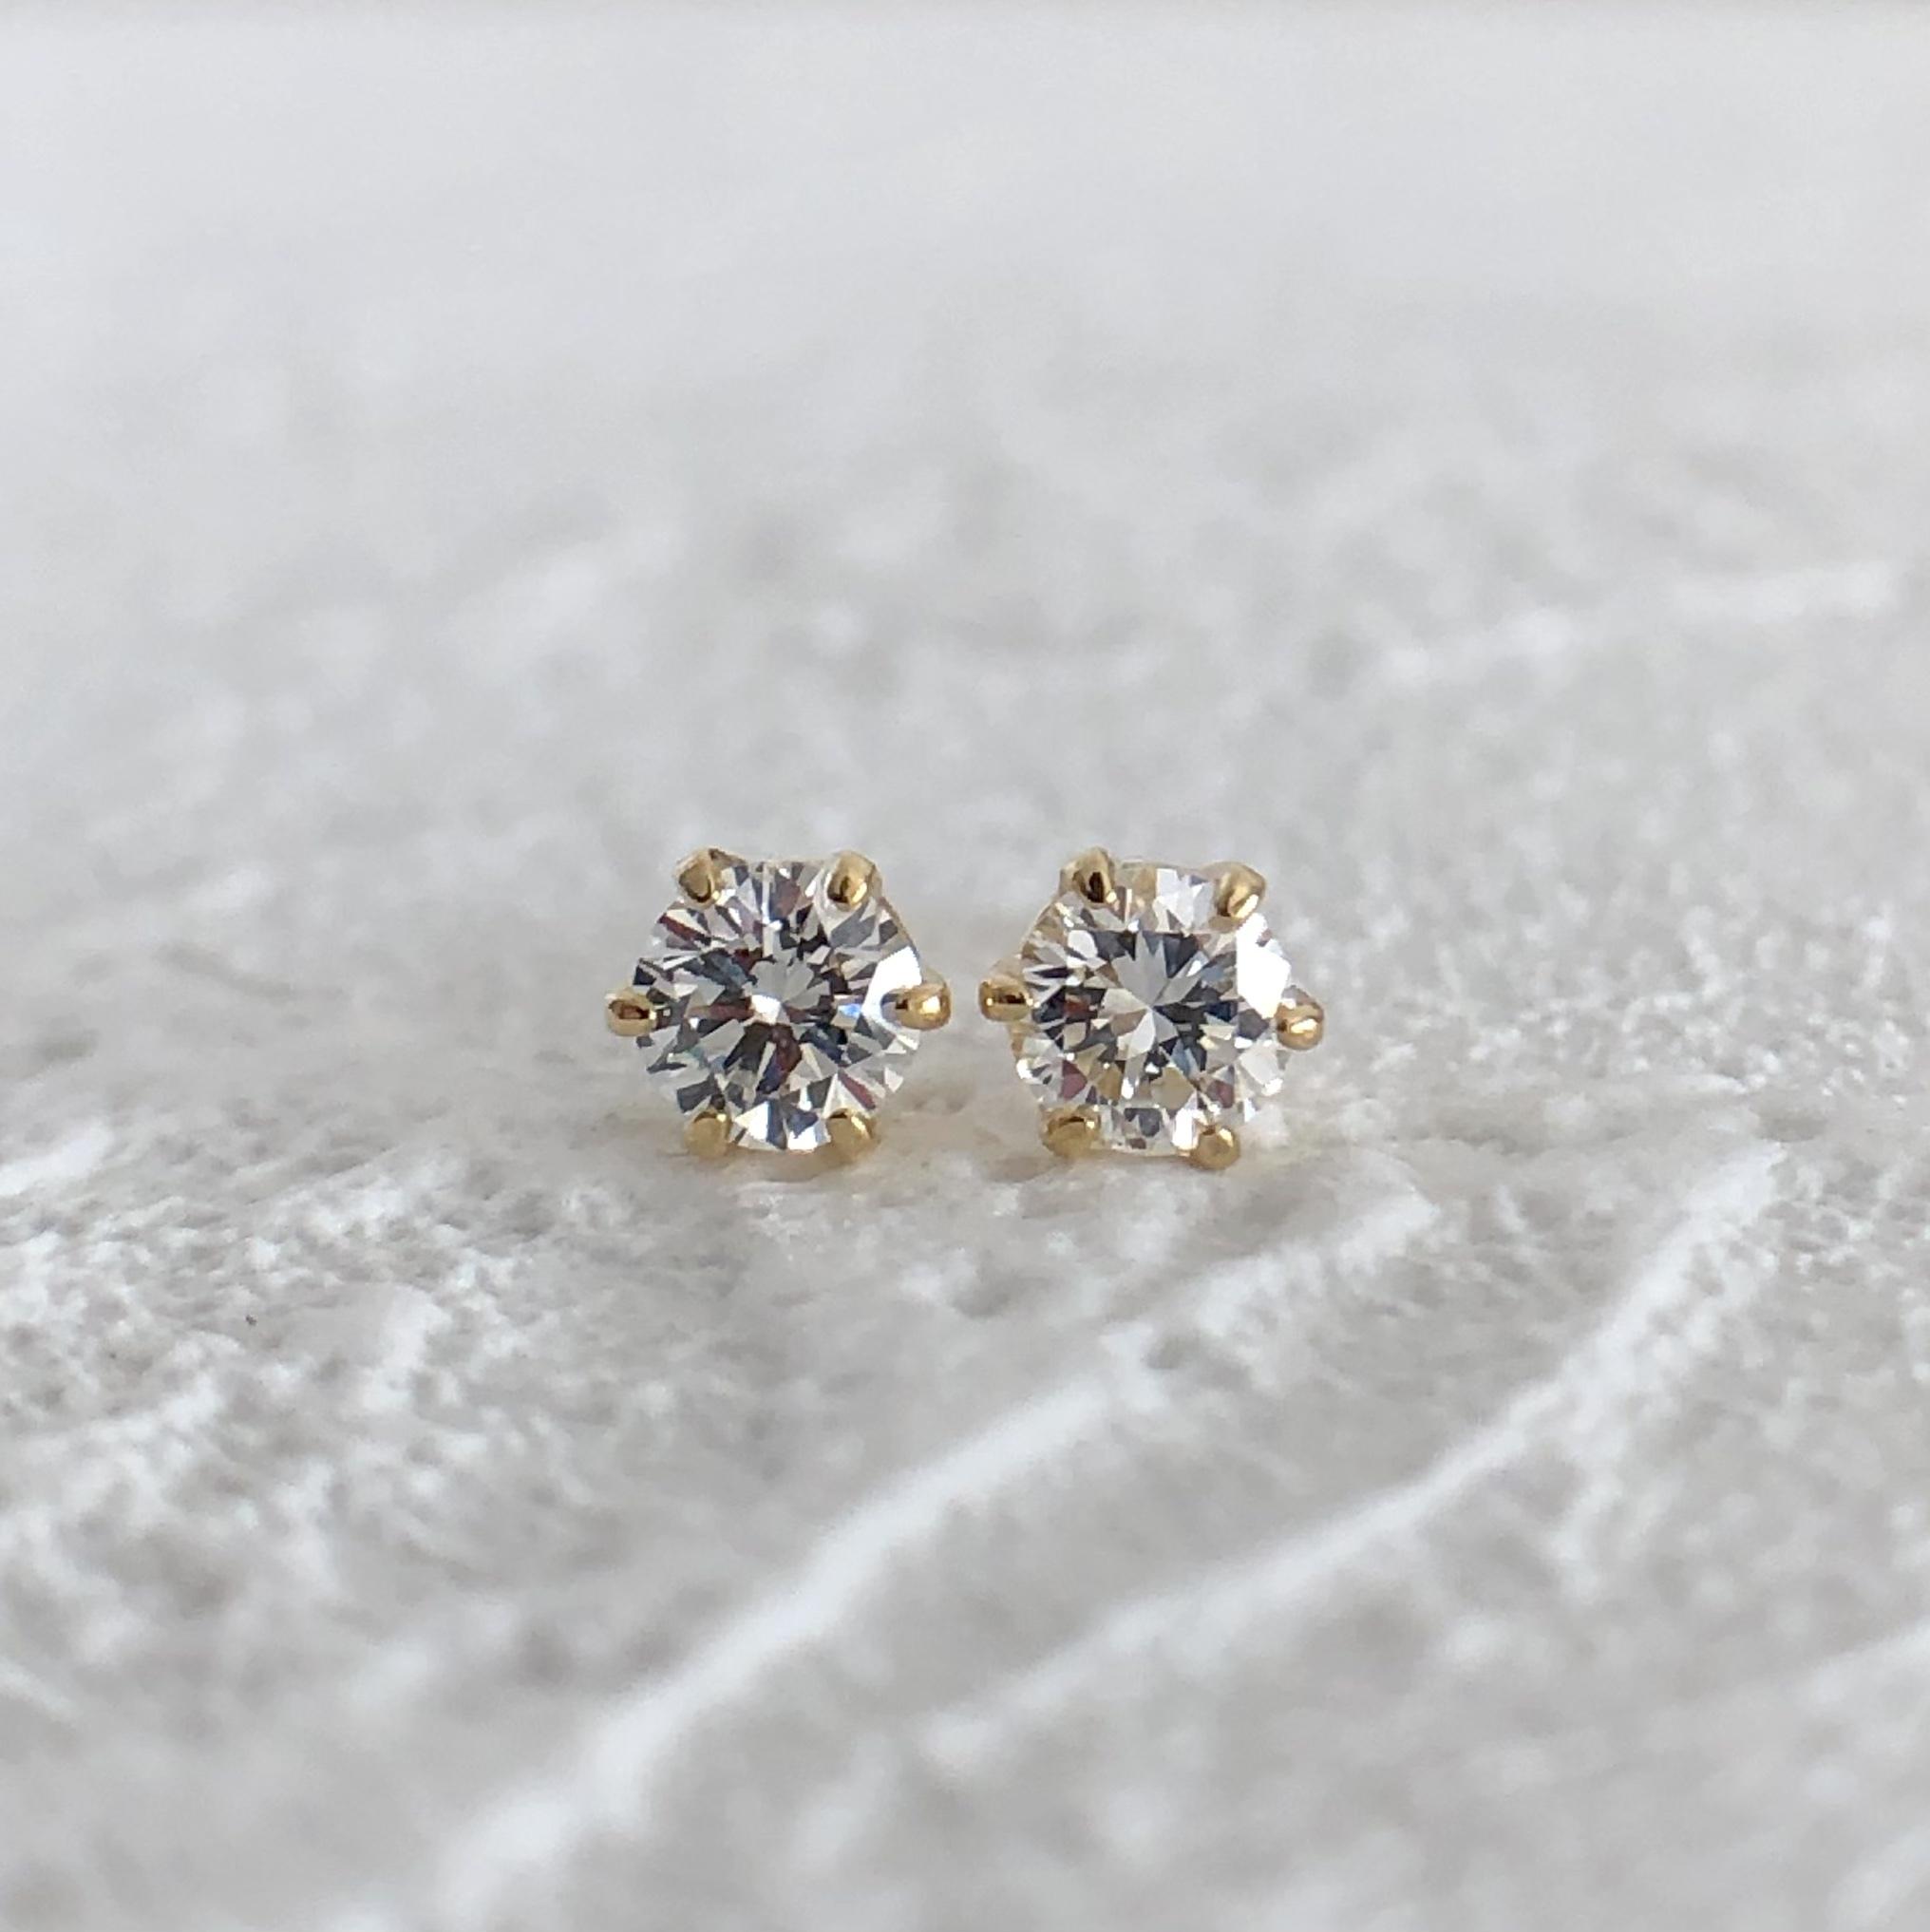 ハート&キューピッド ダイヤモンド ピアス  0.20ct  K18イエローゴールド  チェカ 鑑別書付